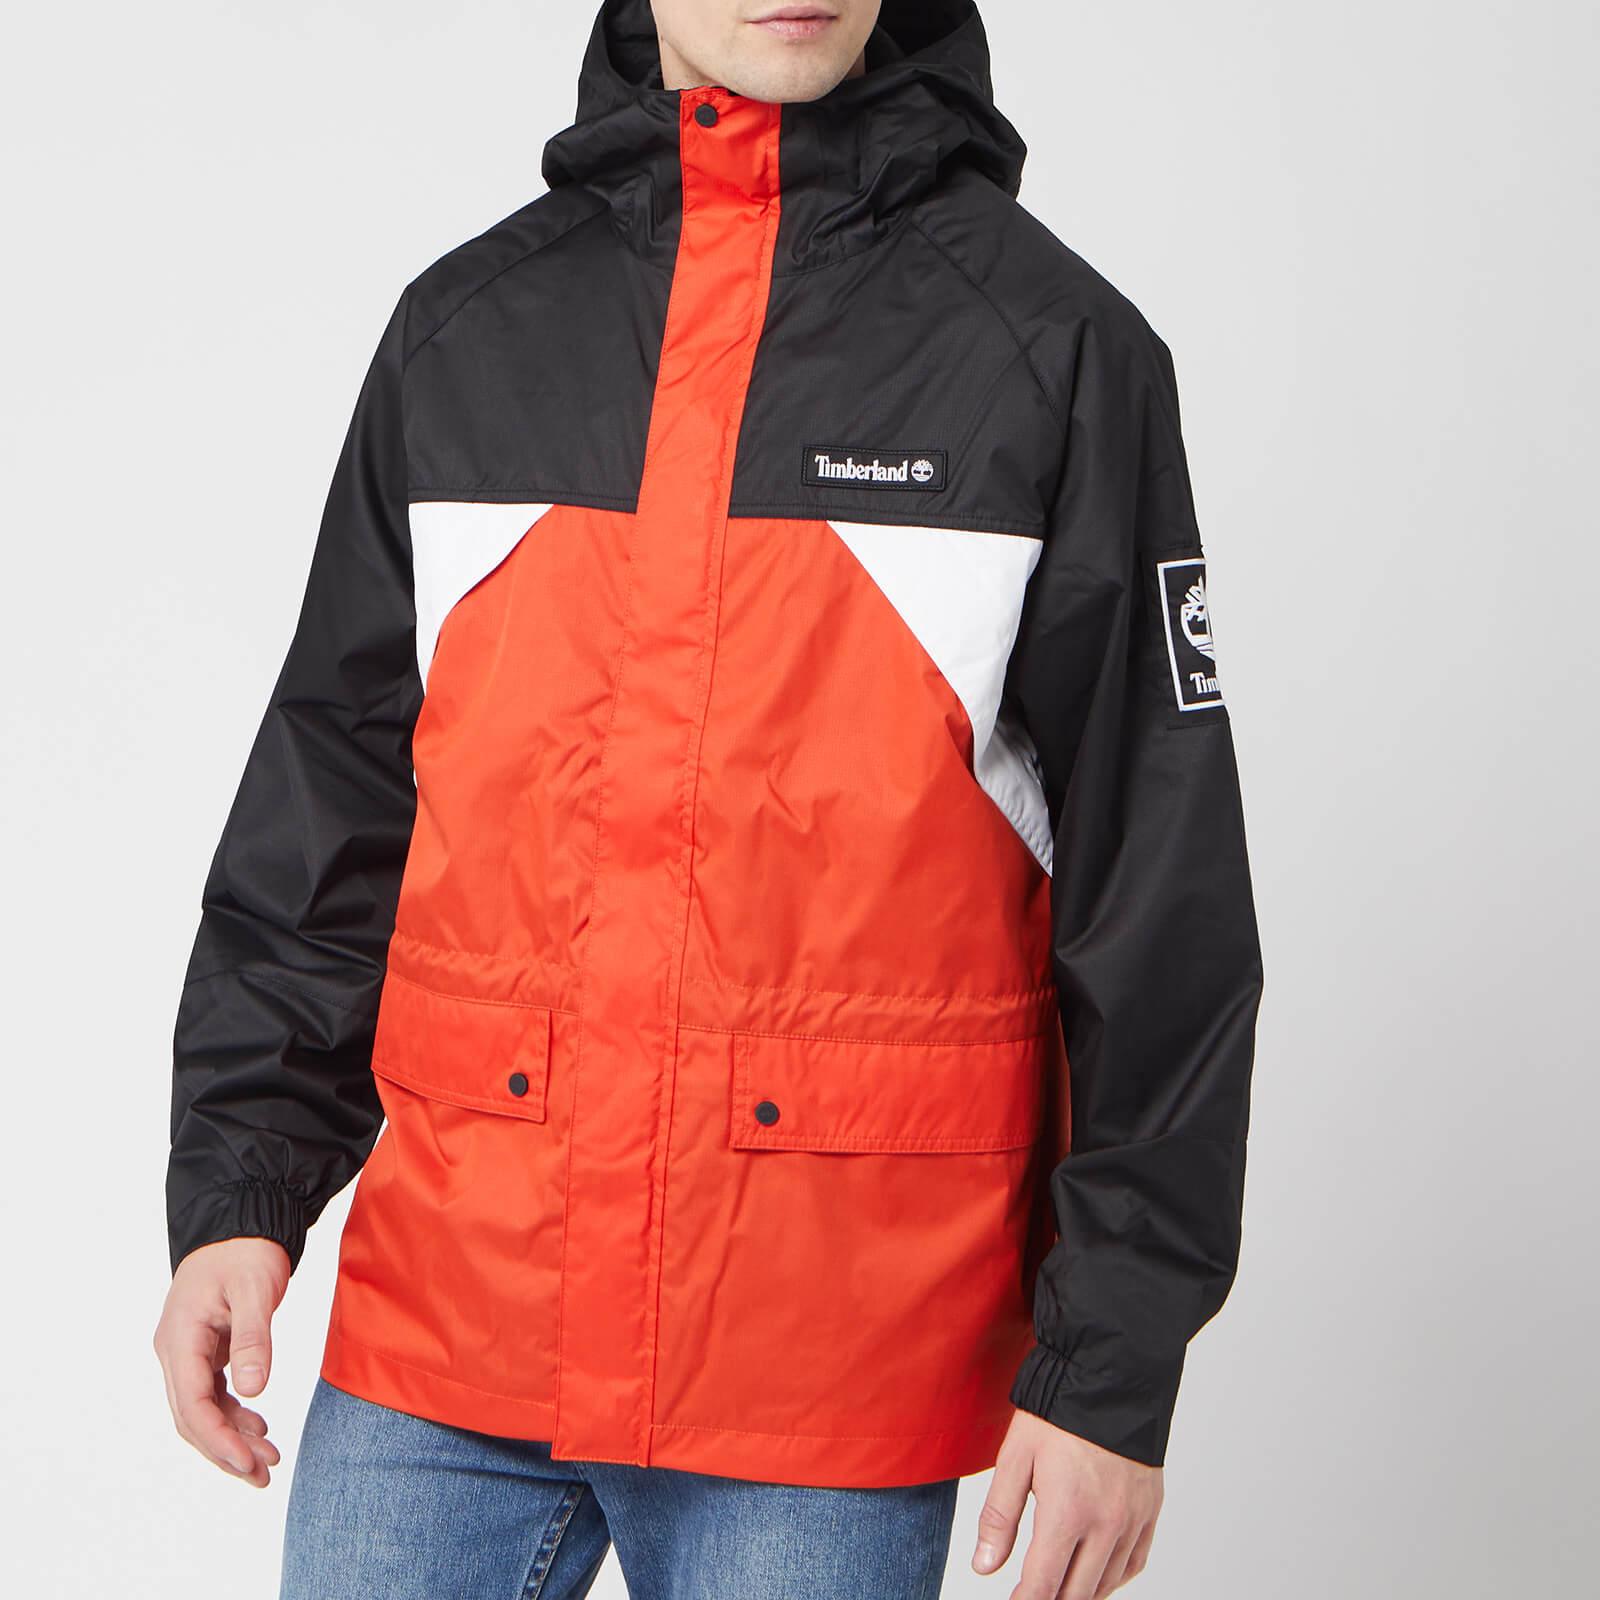 Timberland Men's Outdoor Archive Weather Breaker Coat - White/Spicy Orange/Black - S